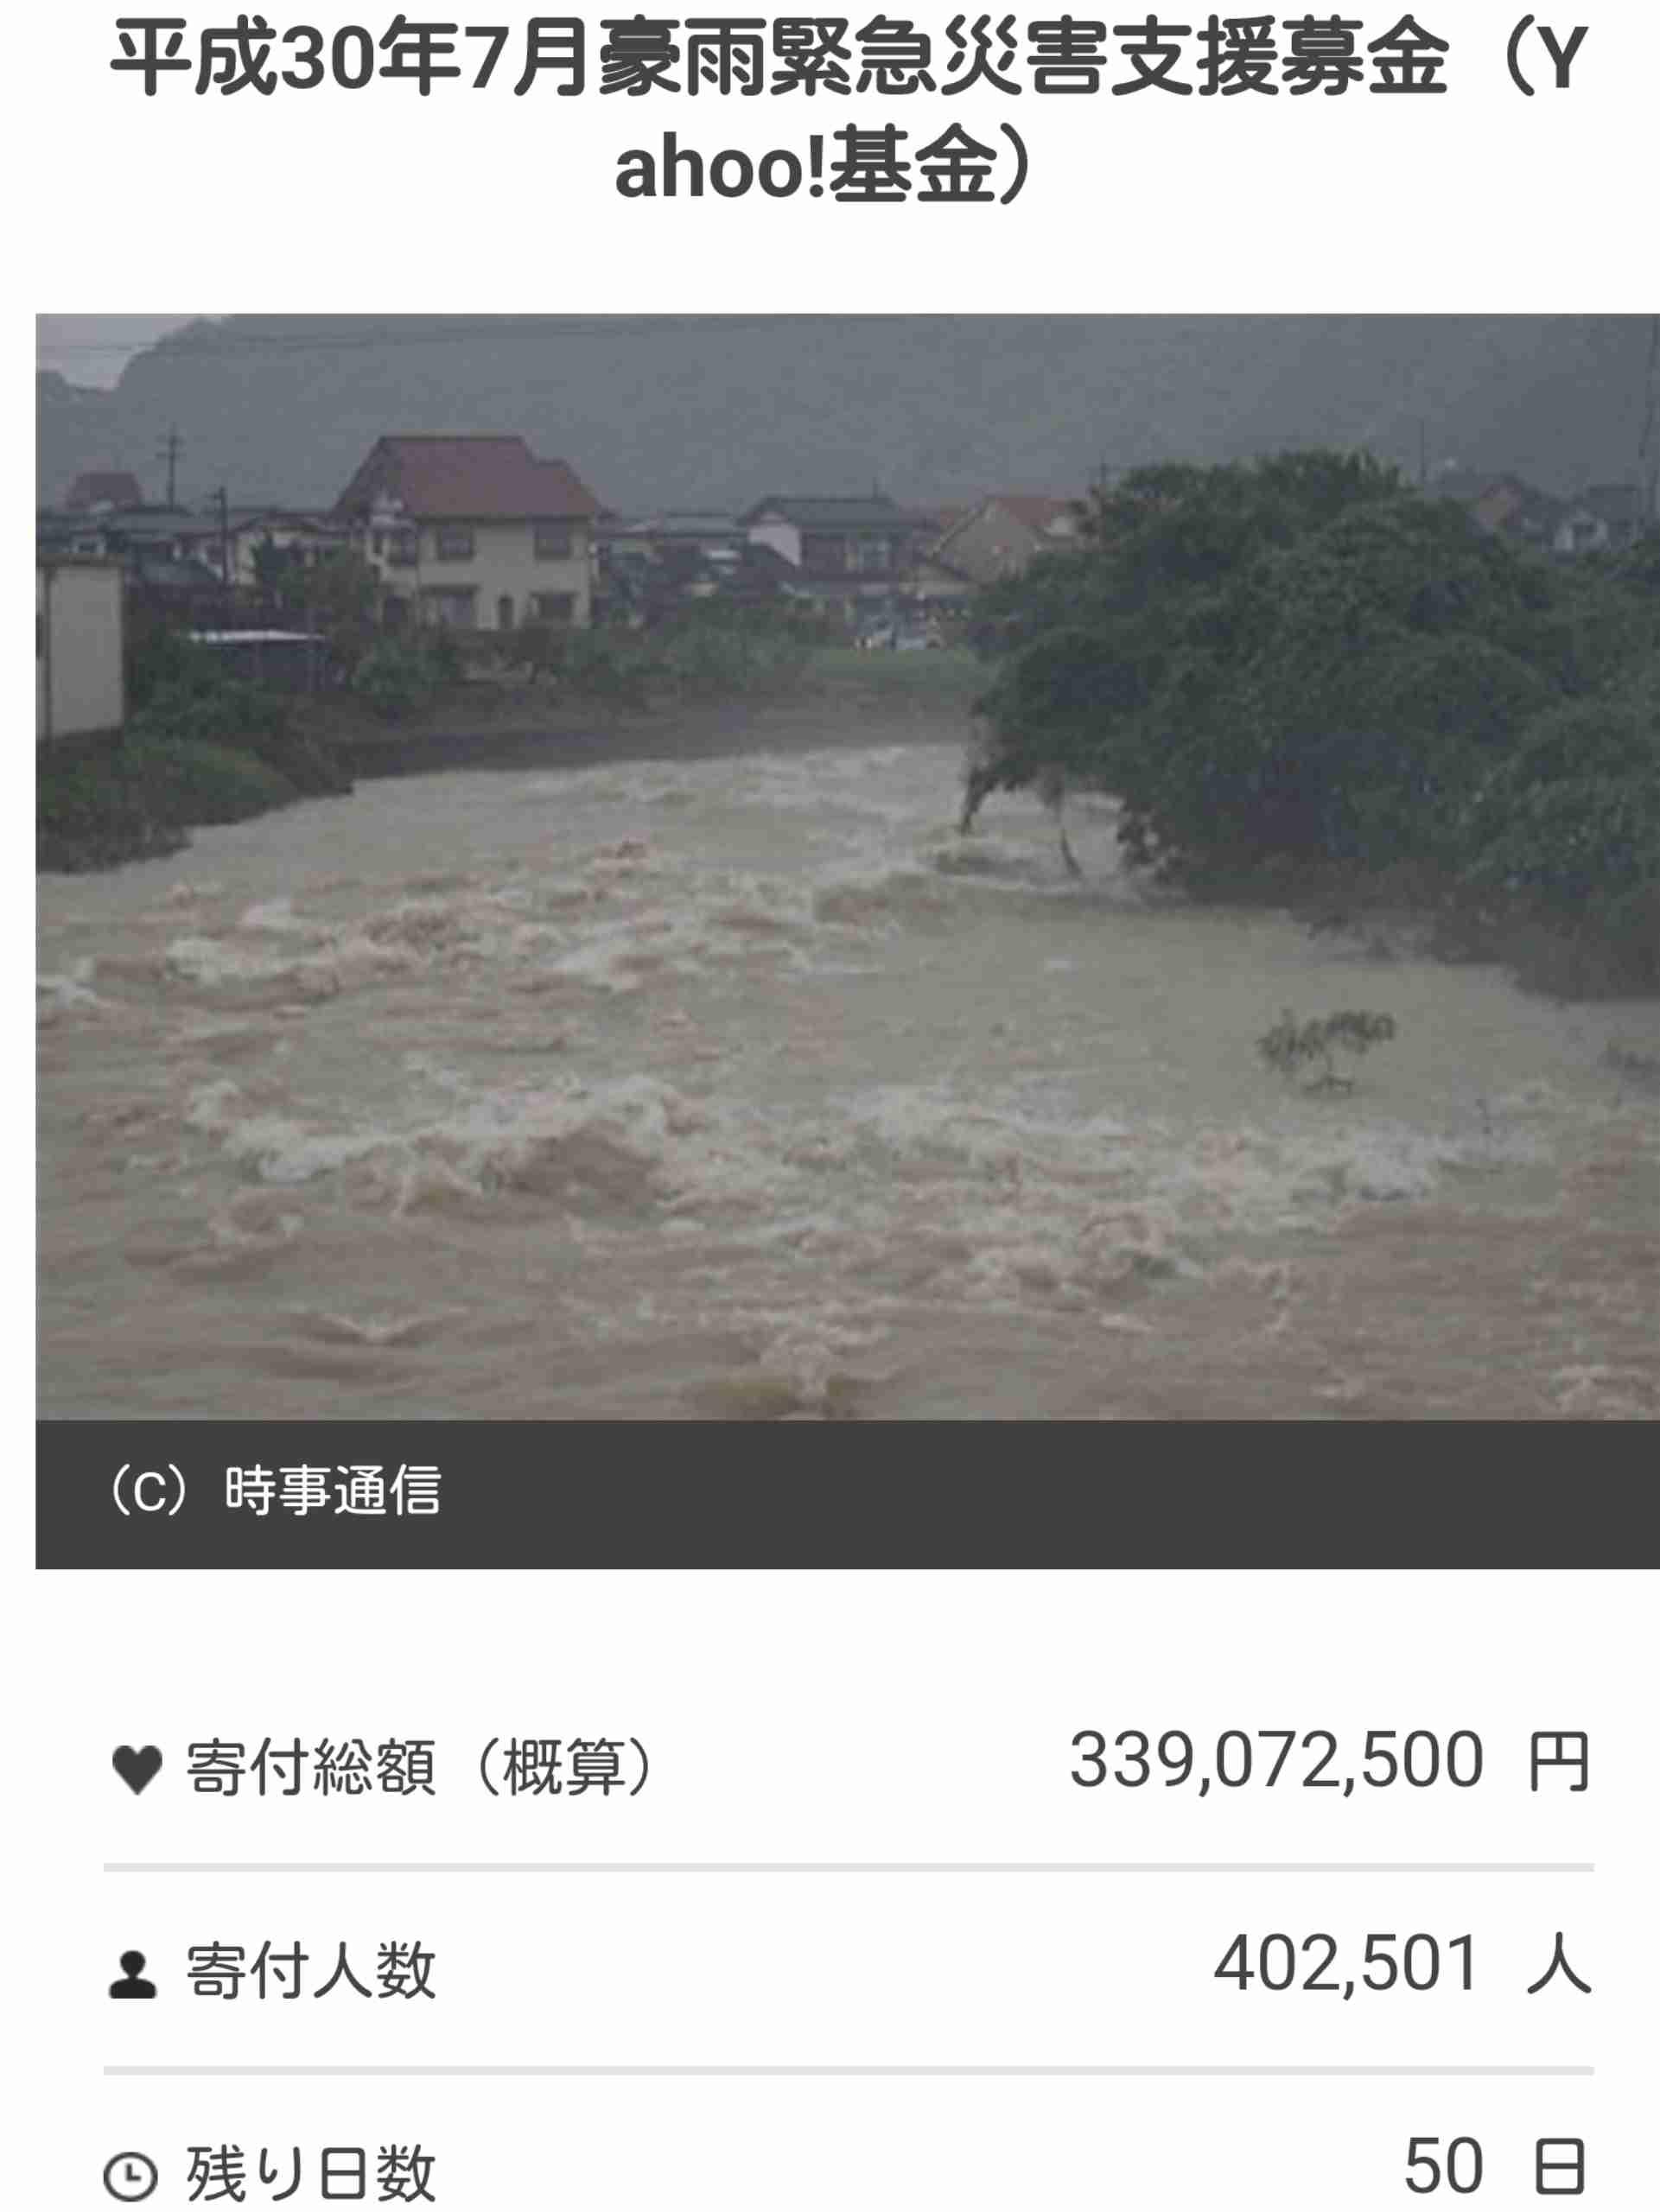 高須克弥院長、西日本豪雨の被災地支援で500万円寄付